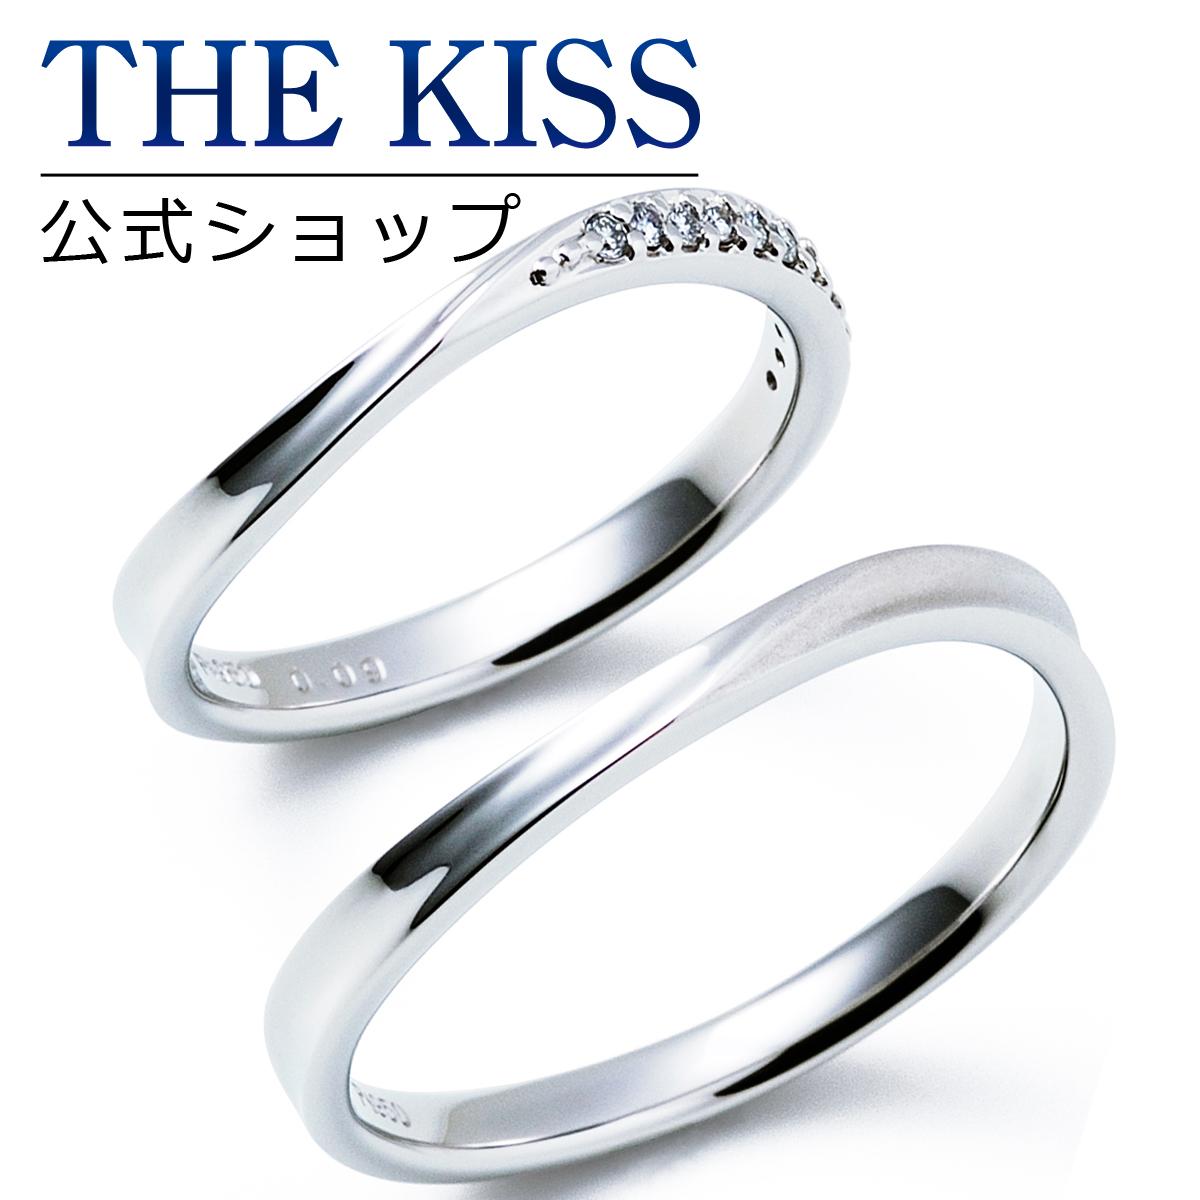 【刻印可_14文字】【THE KISS Anniversary】 プラチナ マリッジ リング 結婚指輪 ペアリング THE KISS ザキッス リング・指輪 7061111061-7061111062 セット シンプル 男性 女性 2個ペア ザキス 【送料無料】